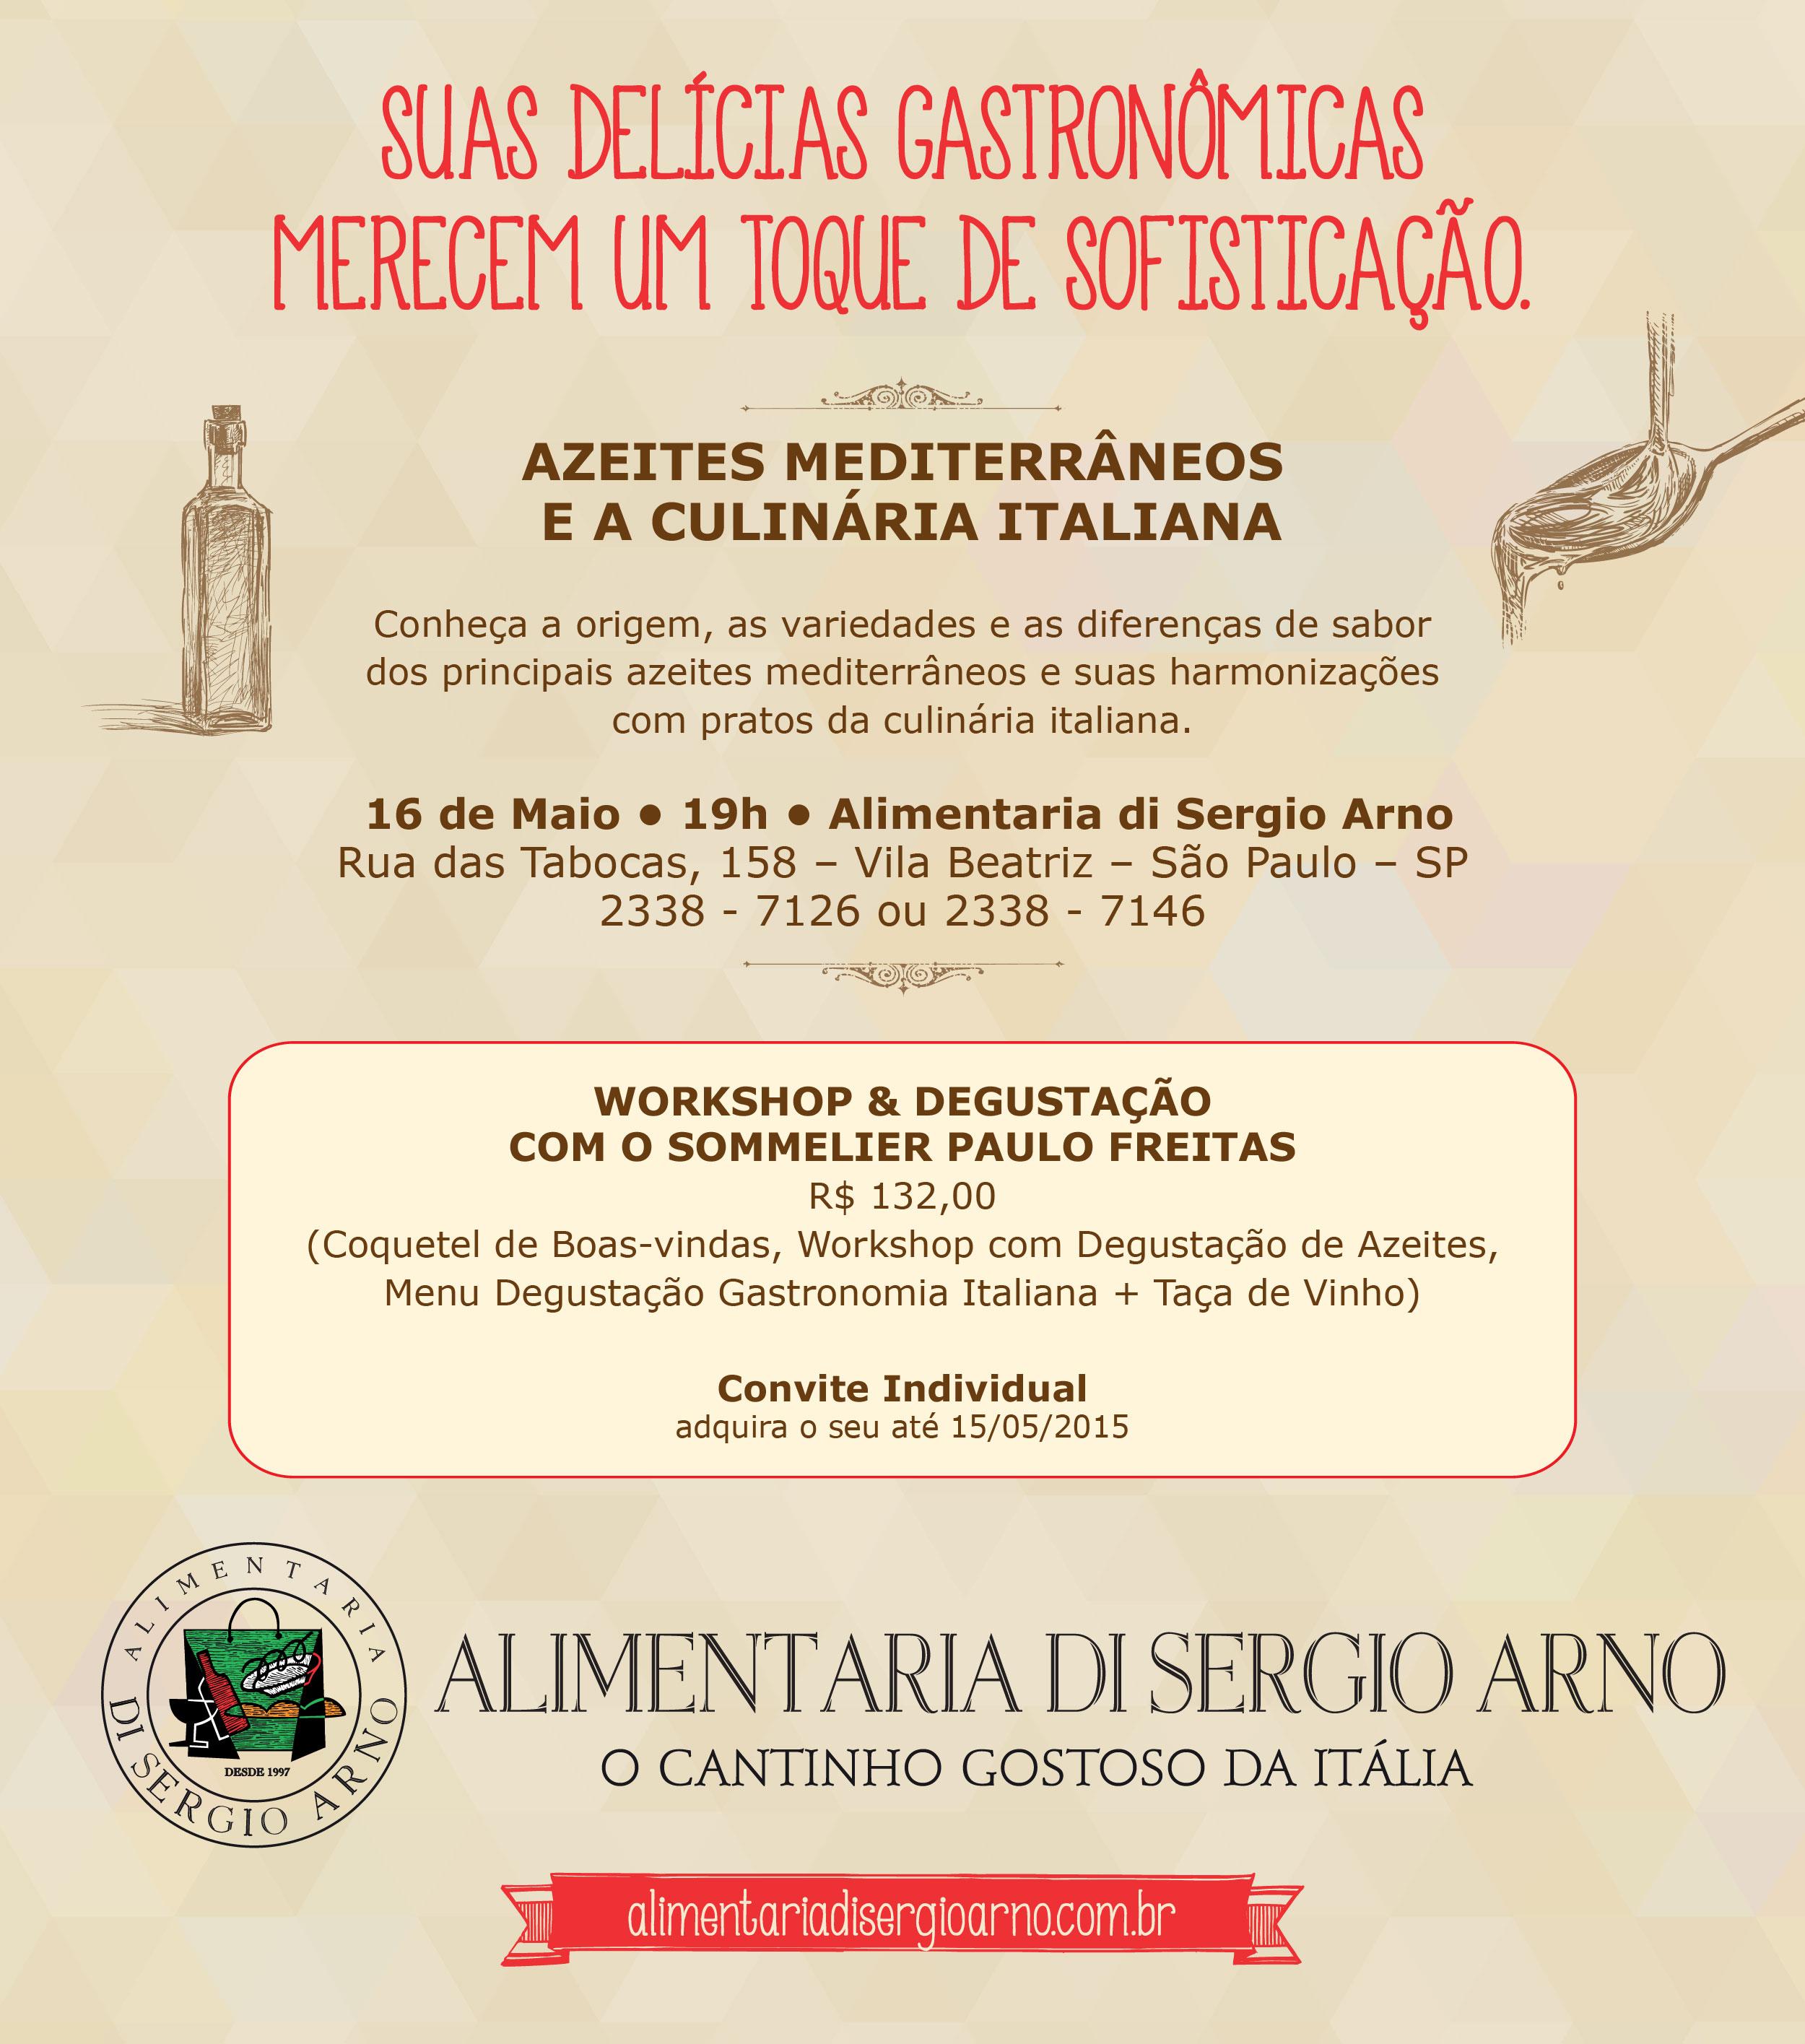 Palestra e harmonização de azeites com pratos da culinária italiana